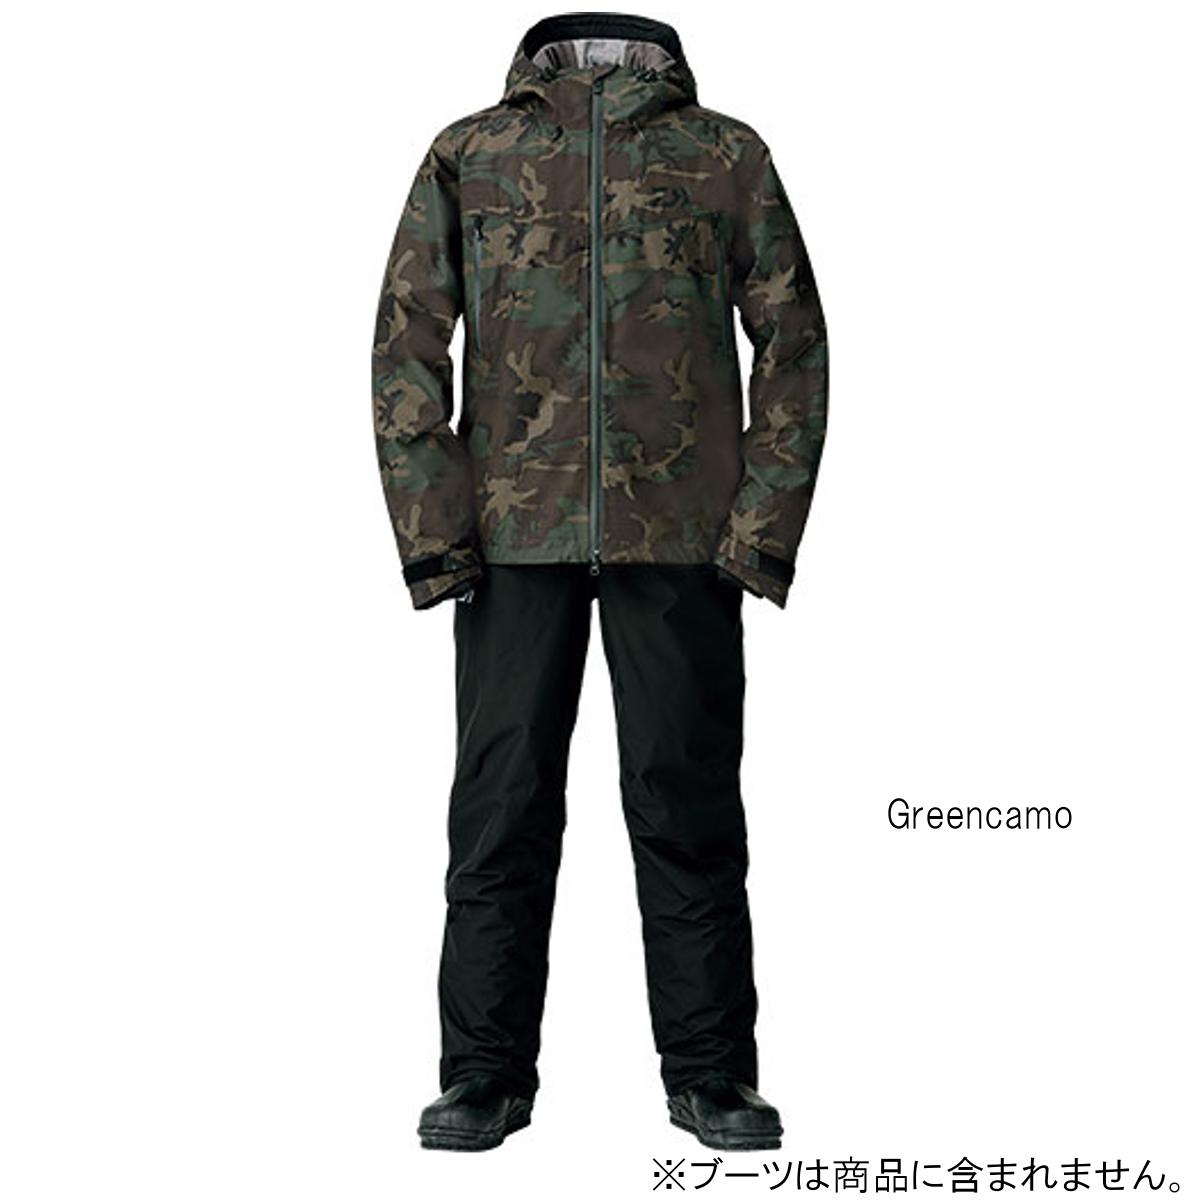 ダイワ ゴアテックス ファブリクス ウィンタースーツ DW-1908 L Greencamo(東日本店)